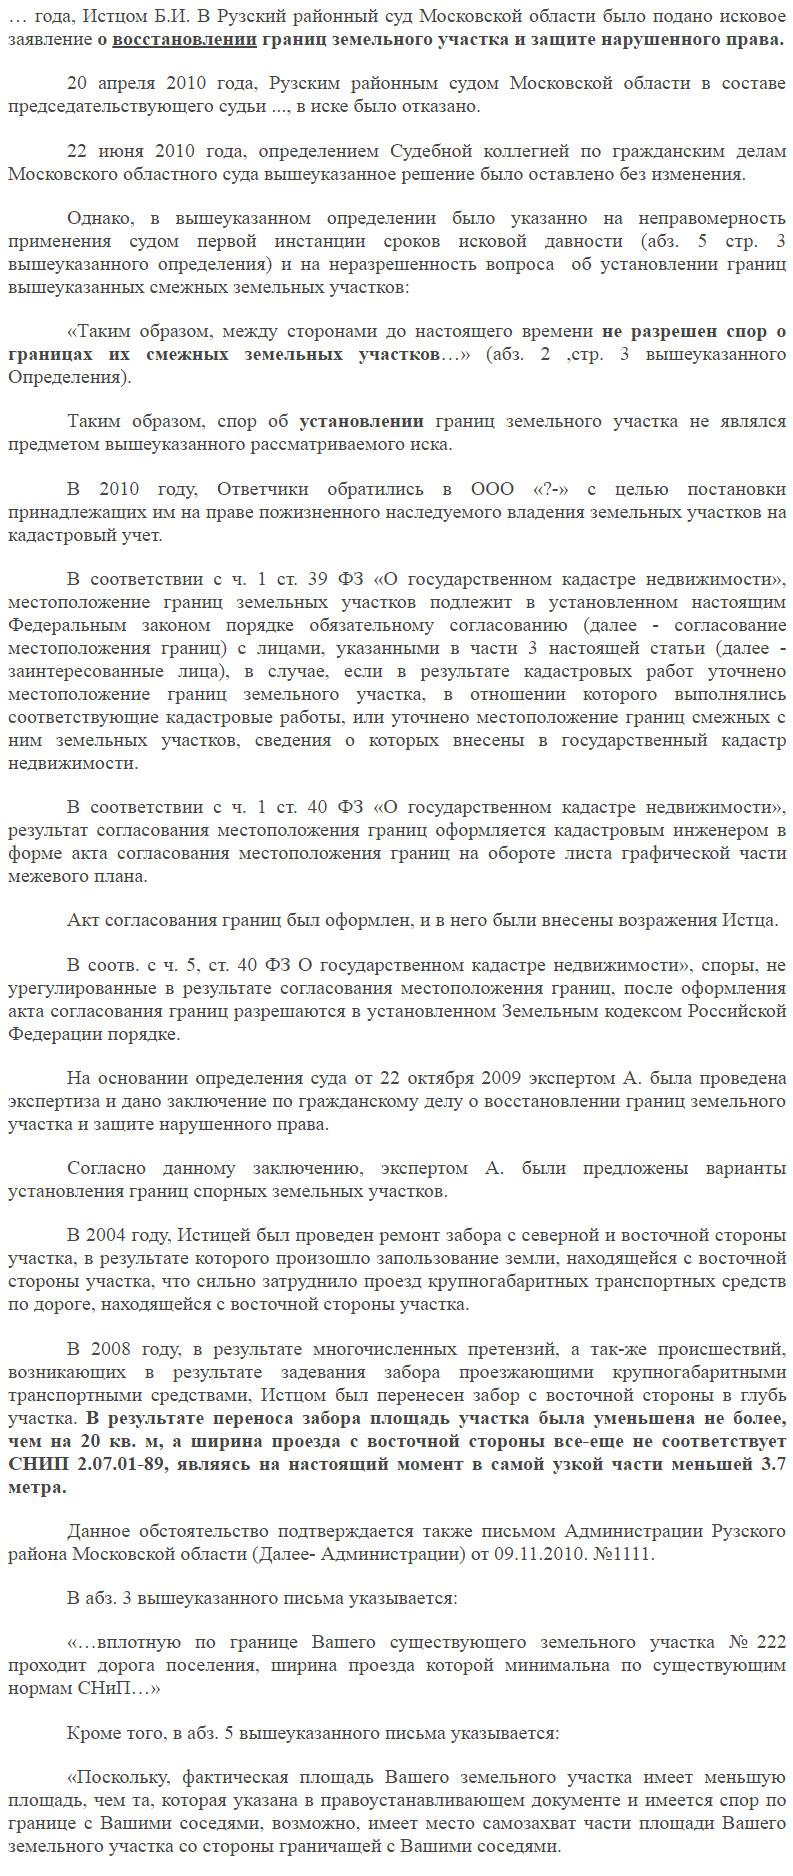 Изображение - Исковое заявление об установлении границ ustanovlenie_granic_uchastka_zayavlenie_obrazec-4